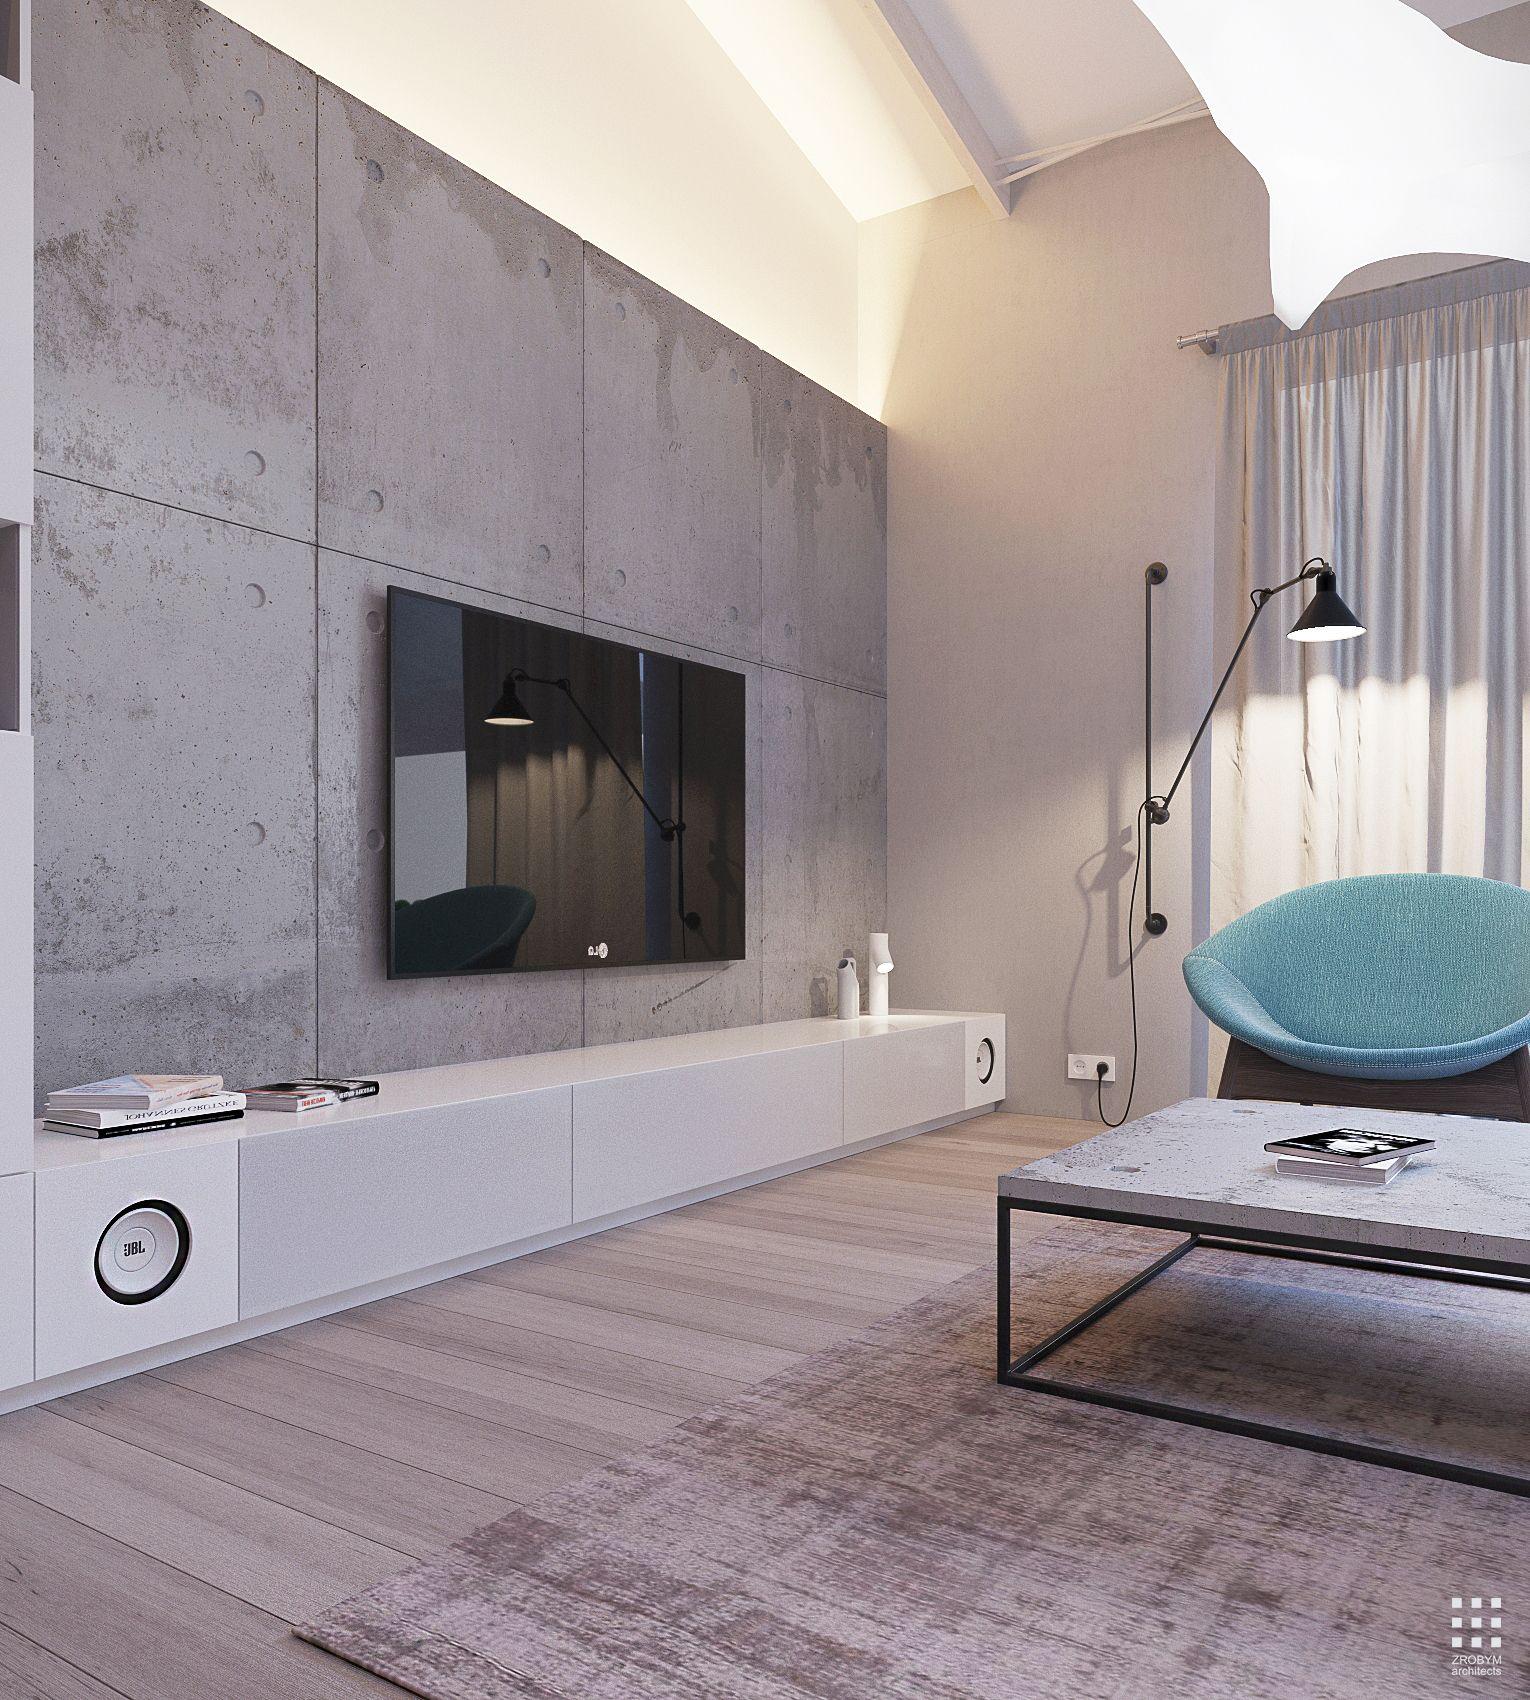 Studio zrobym architectsdesign and visualization dmitry sheleglocation minsk belarus s - Einbauschrank wohnzimmer ...